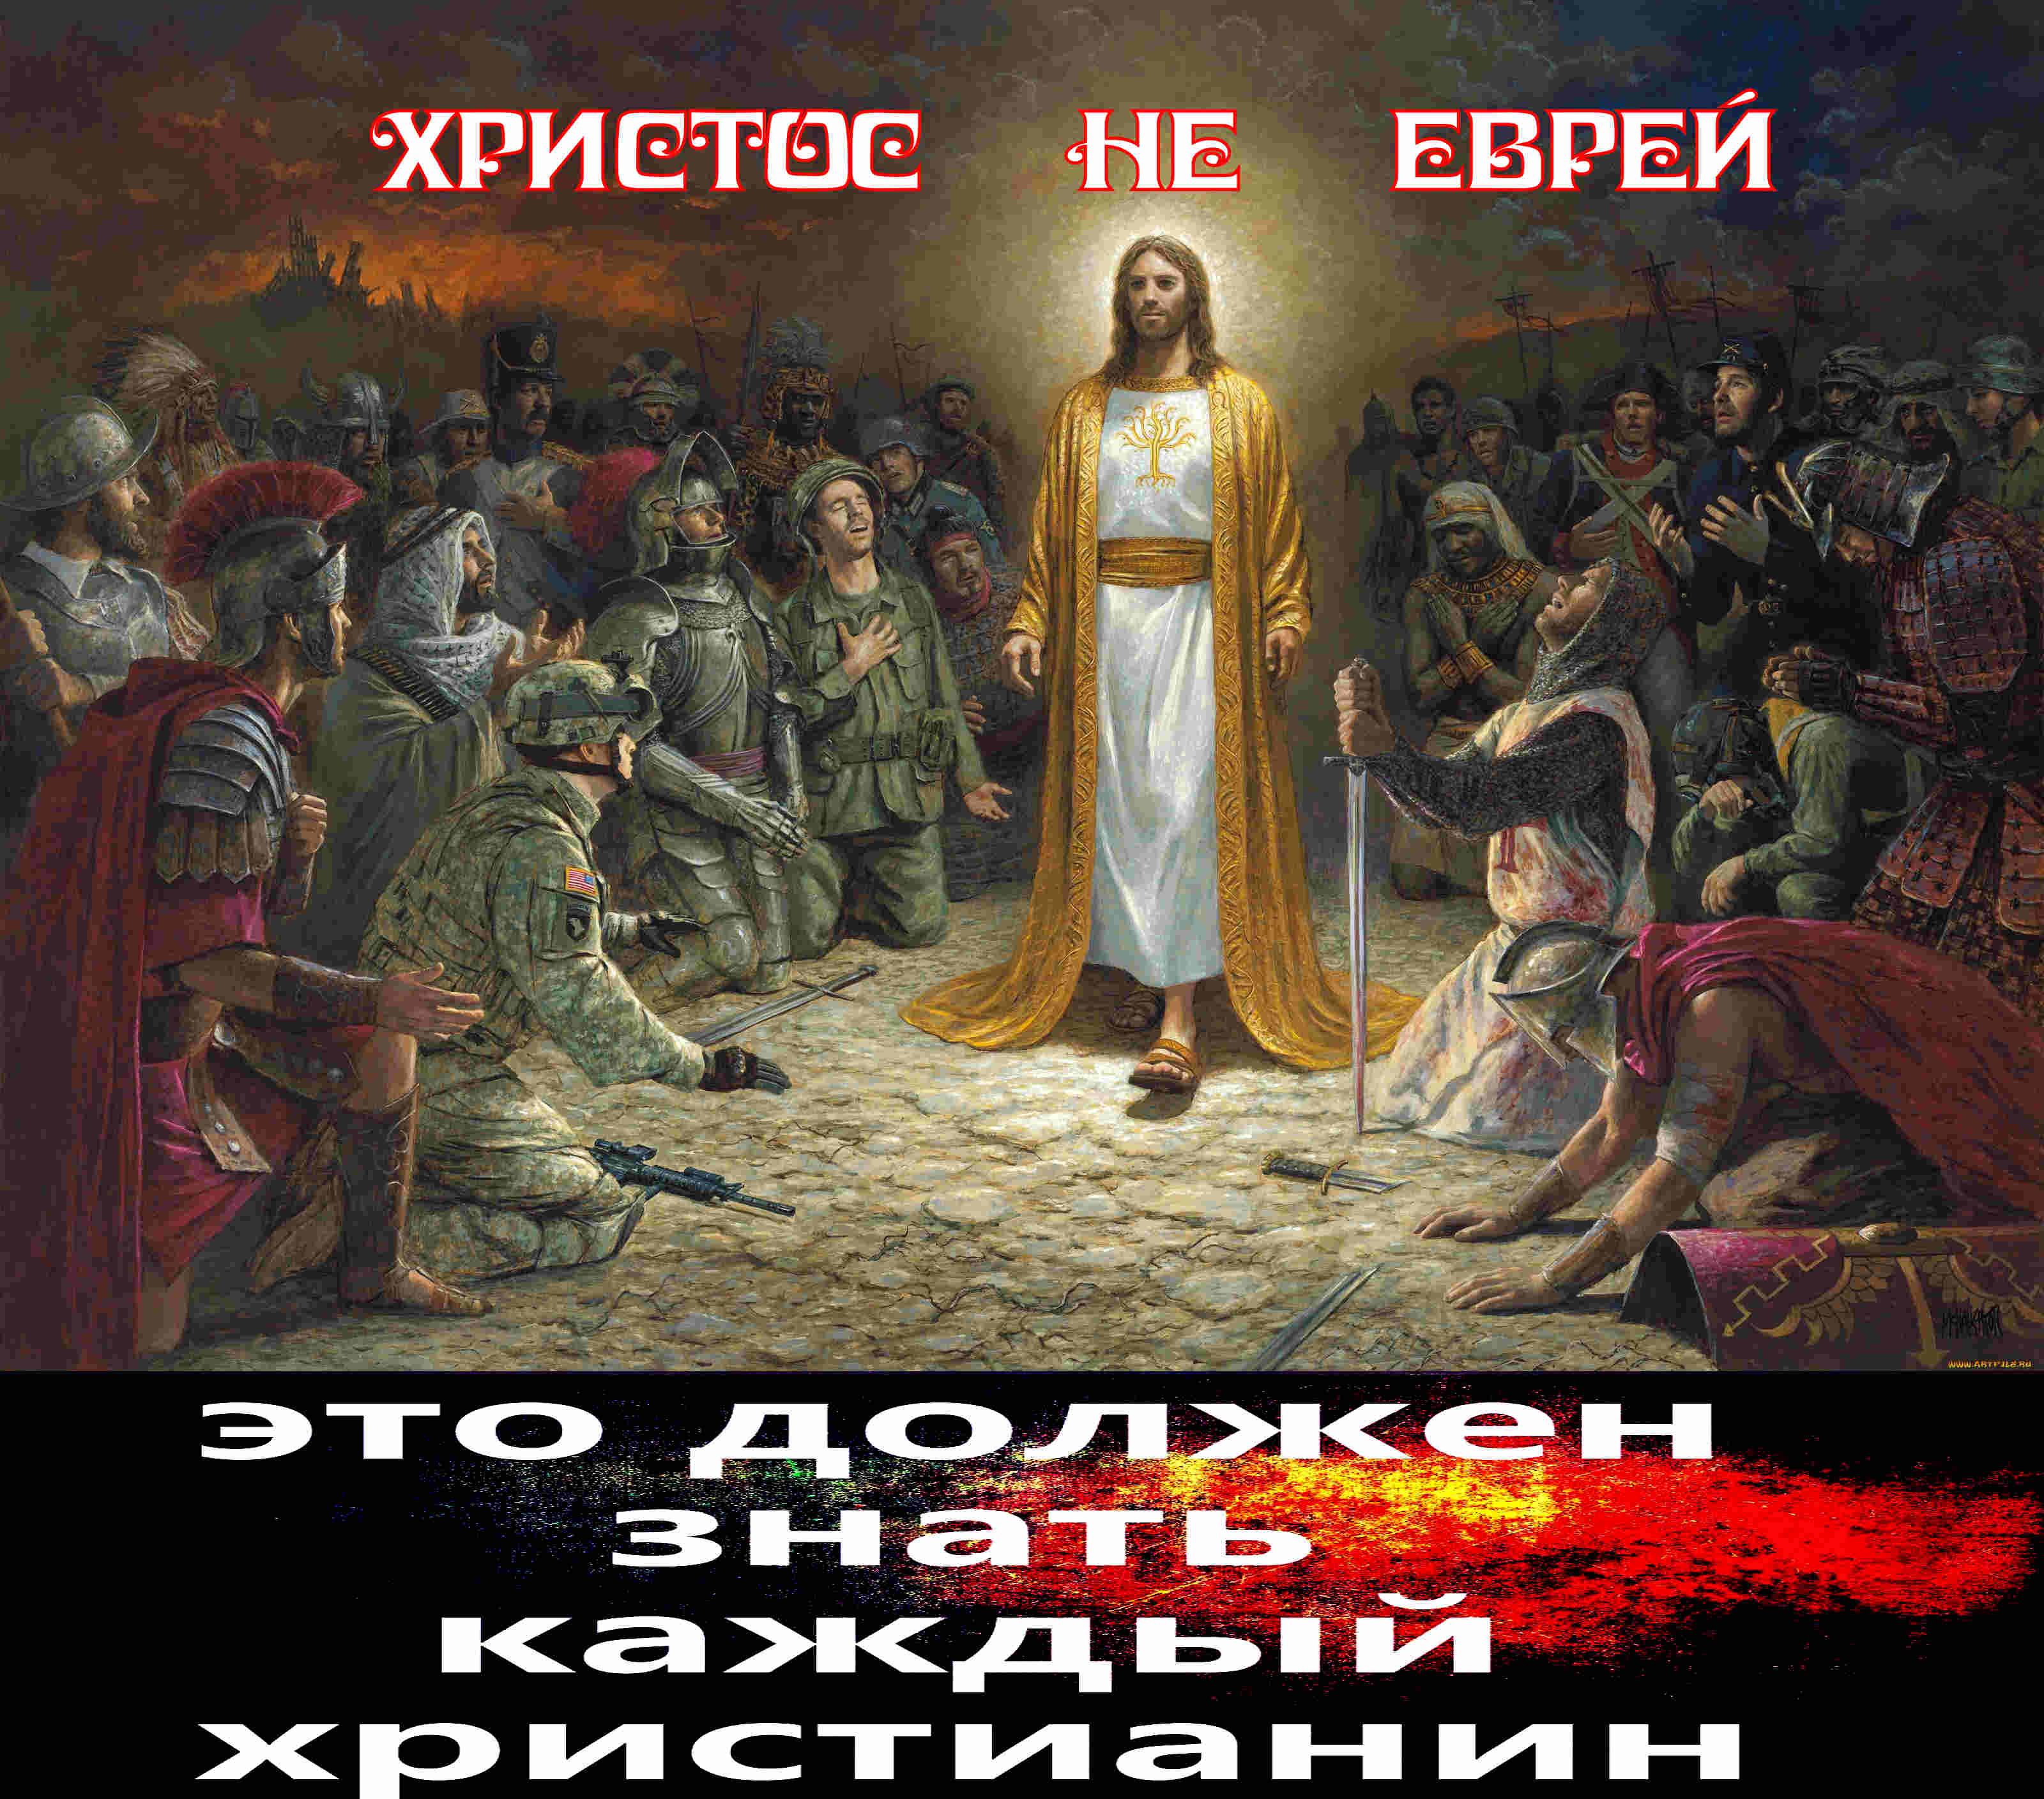 Сегодня родился Бого-человек, а не Бого-еврей, – как нас уверяют жидисты и язычники-родноверы.